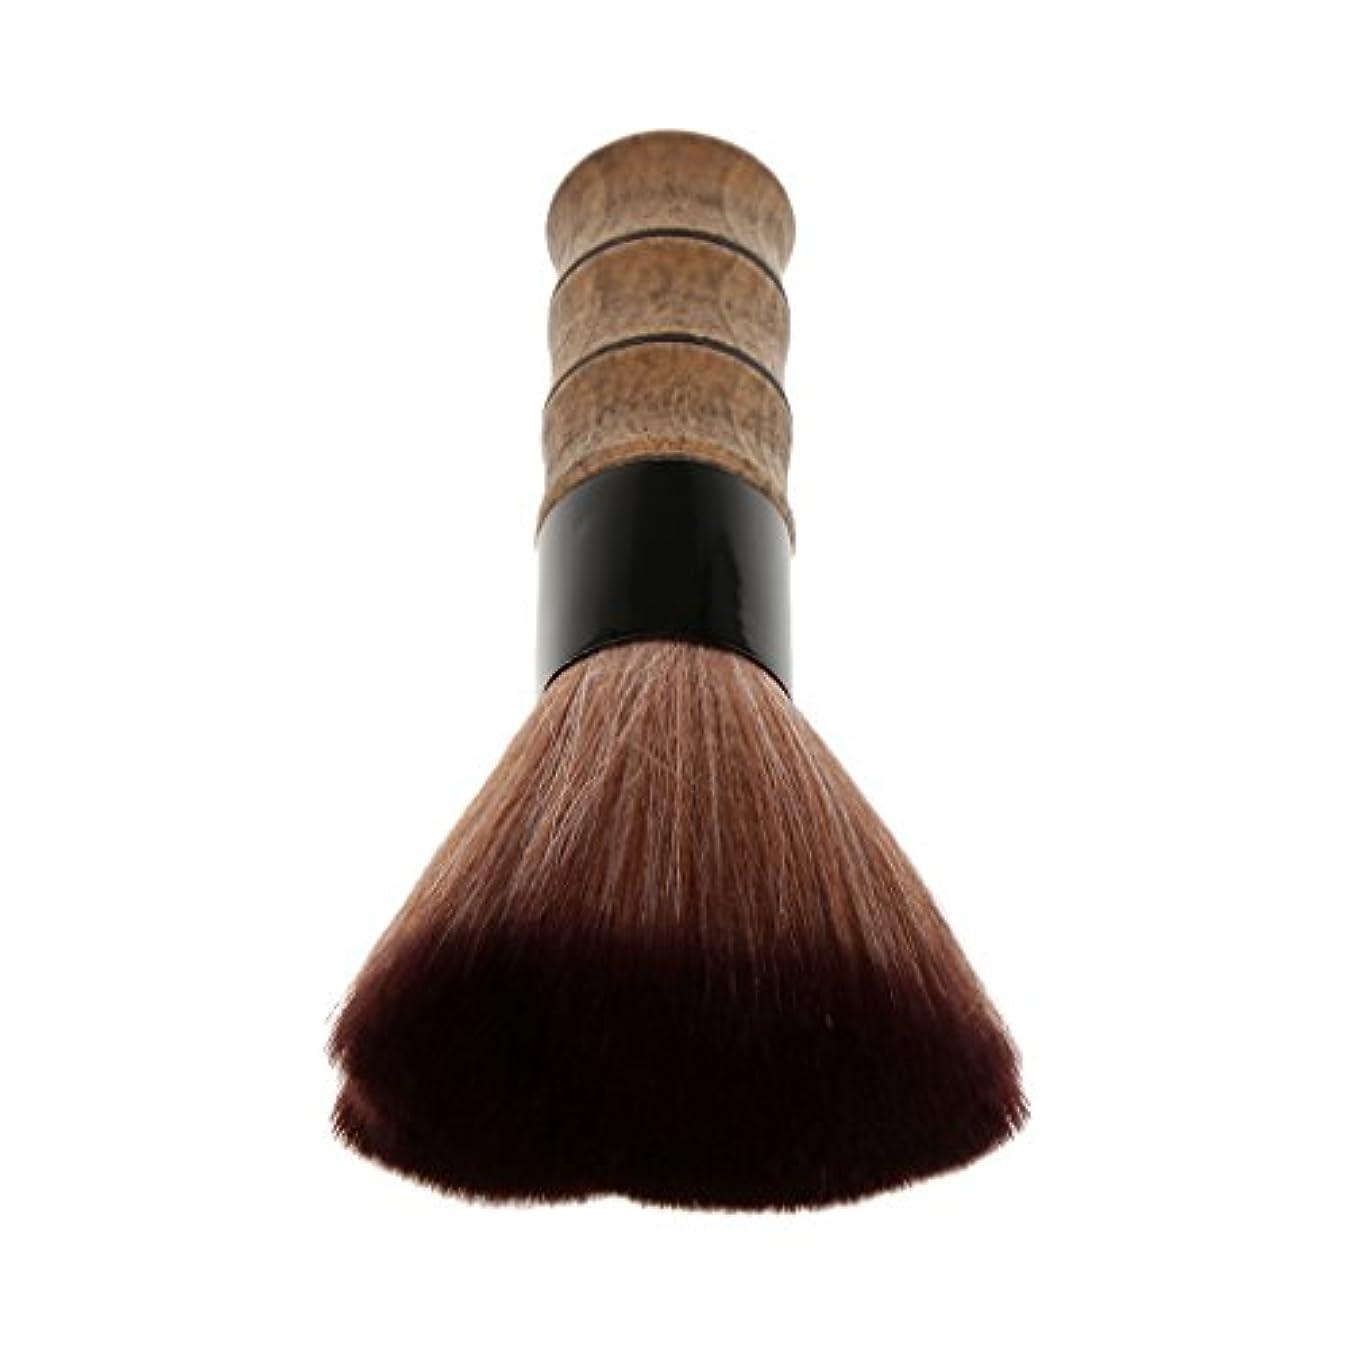 観光金銭的モバイルメイクブラシ シェービングブラシ 超柔らかい 繊維 木製ハンドル 泡立ち 快適 洗顔 プレゼント 2色選べる - 褐色